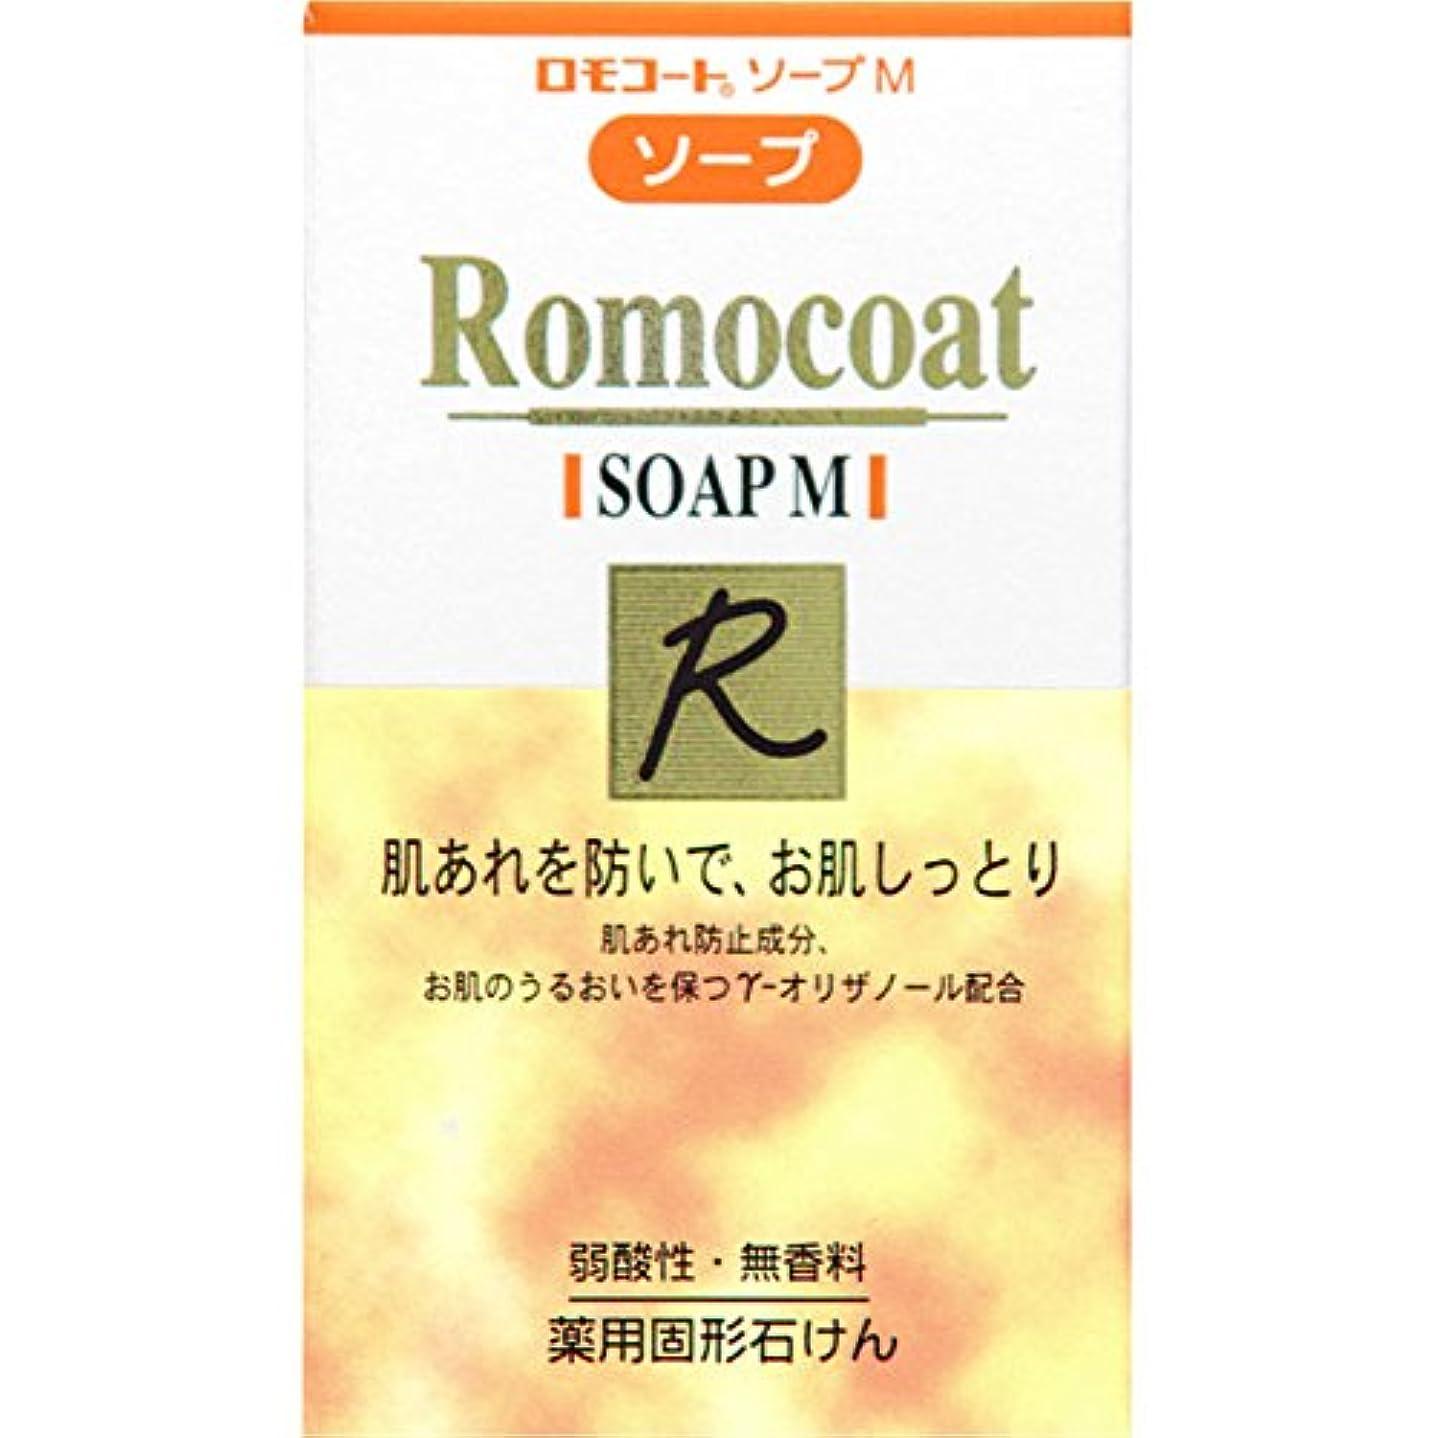 余剰鋼男らしさ全薬工業 ロモコート ソープM 60g (医薬部外品)